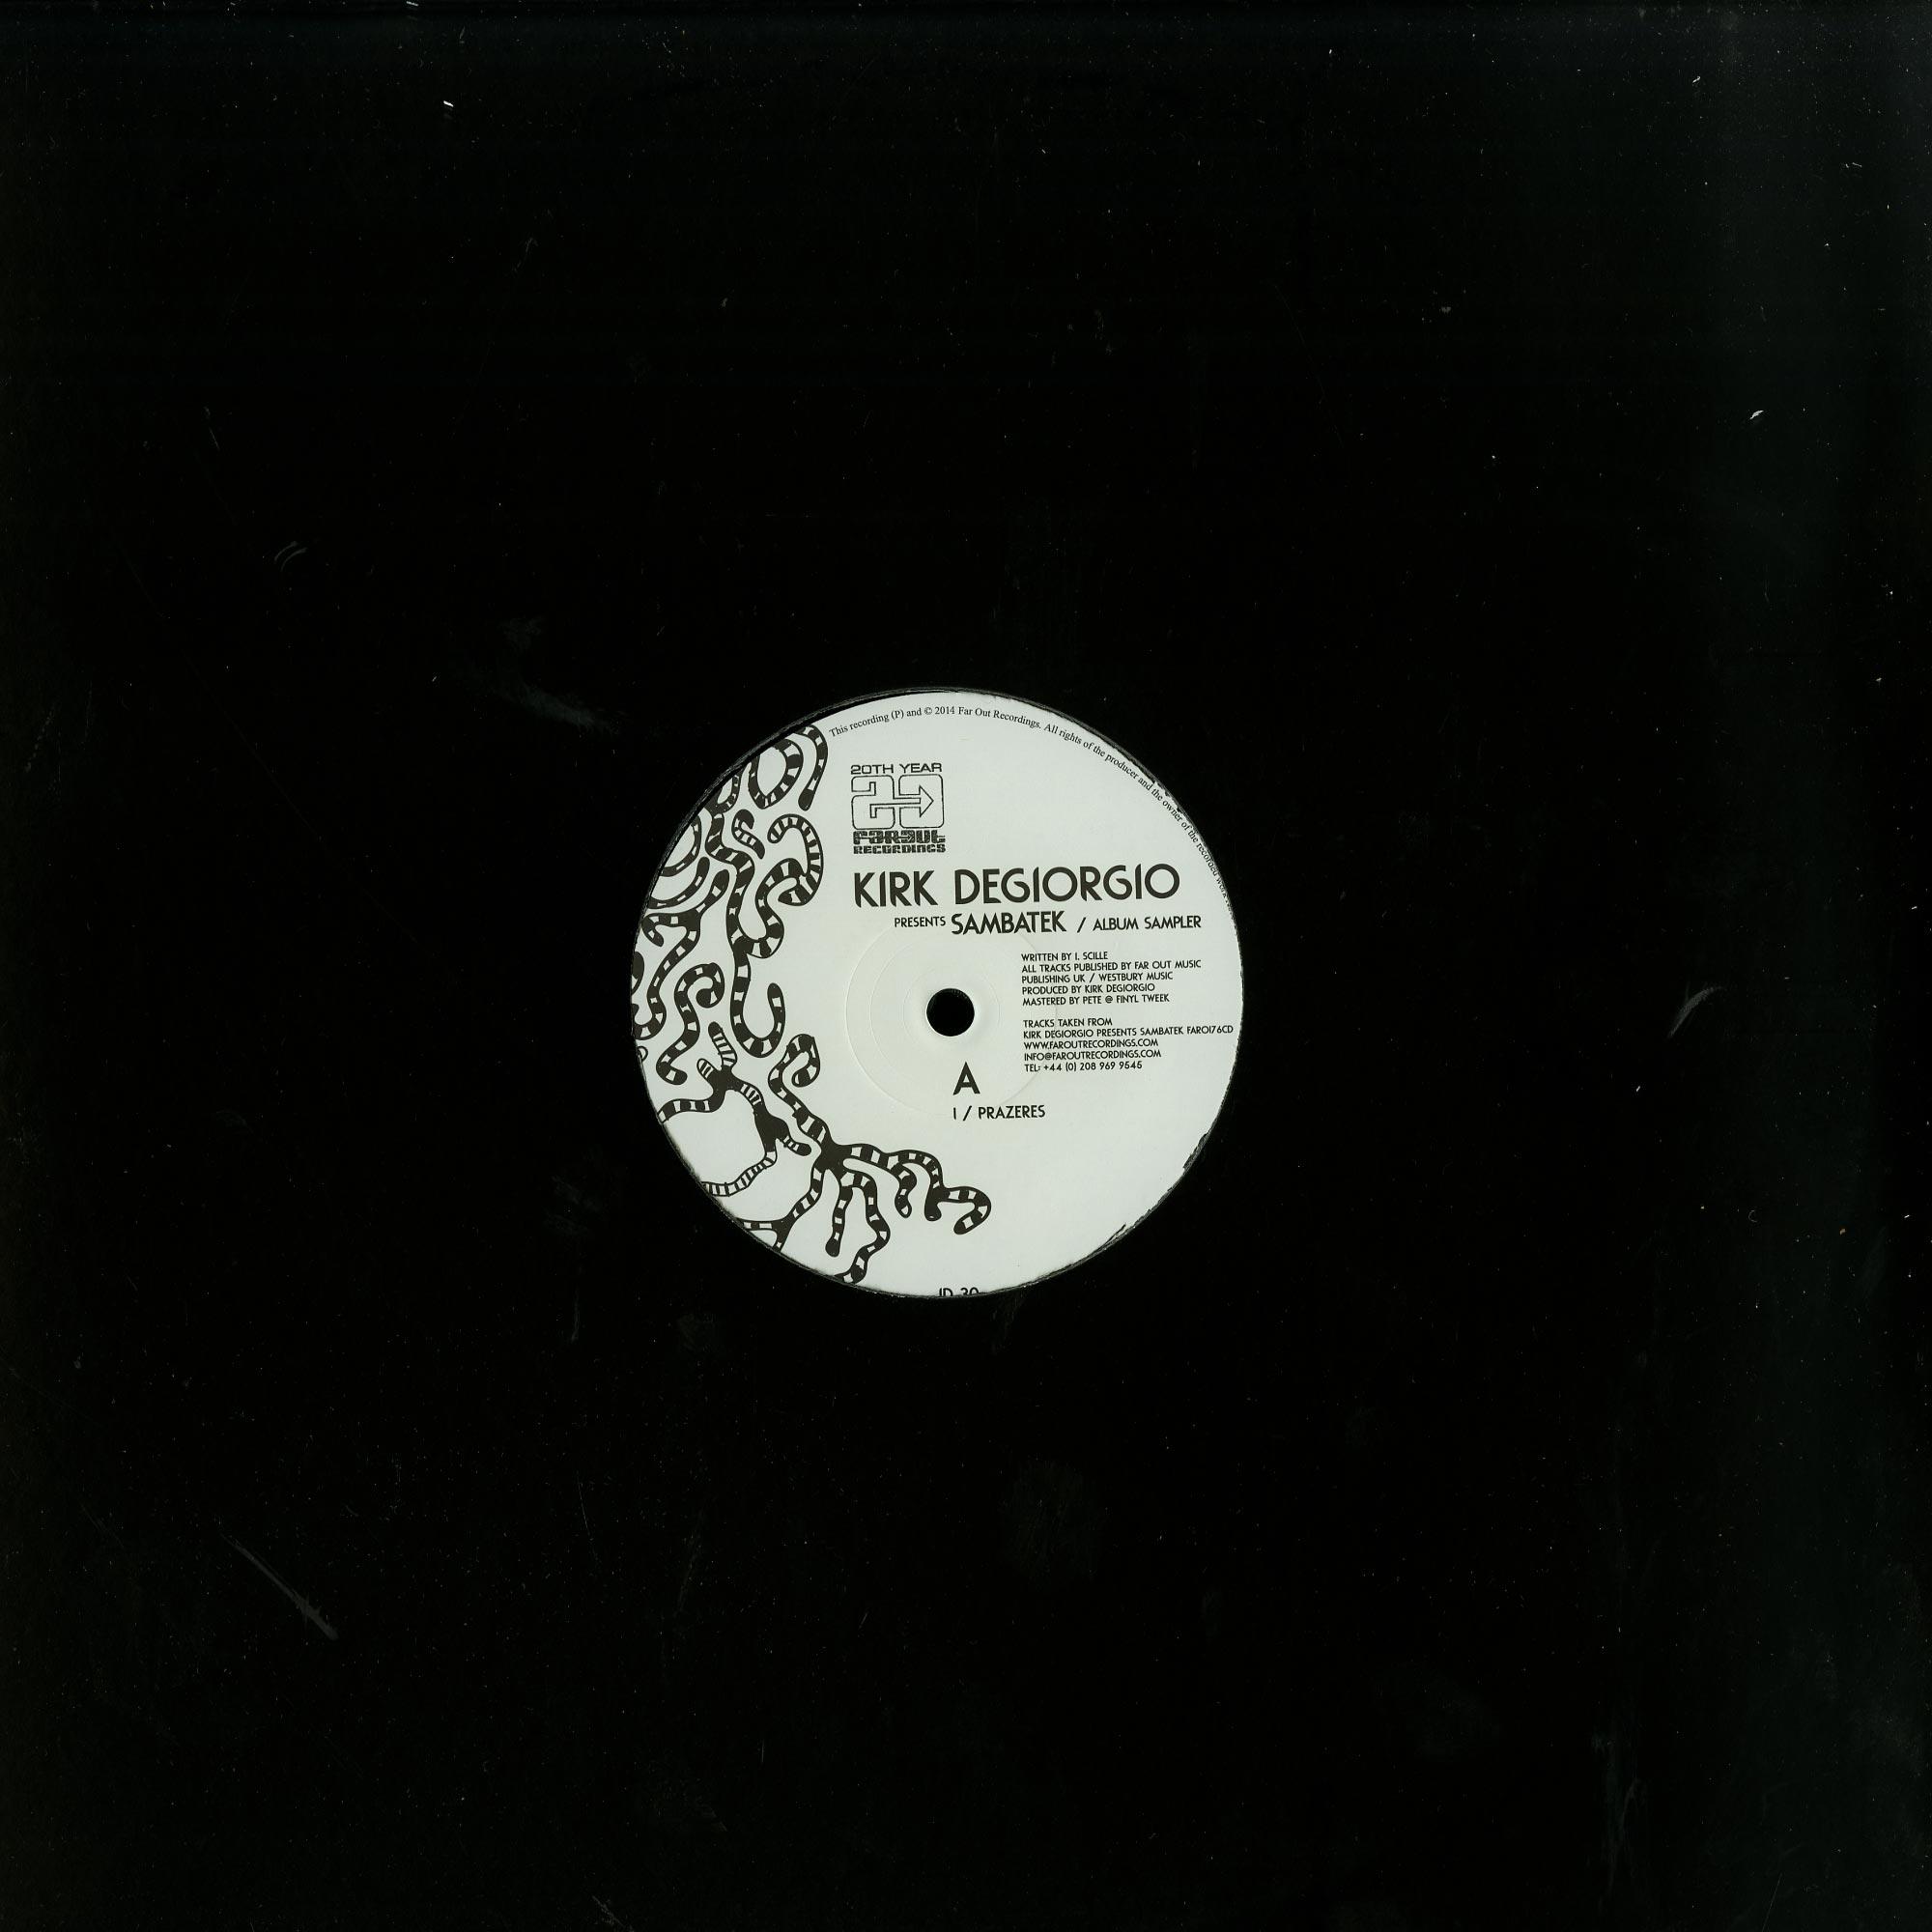 Kirk Degiorgio - SAMBATEK - THE ALBUM SAMPLER